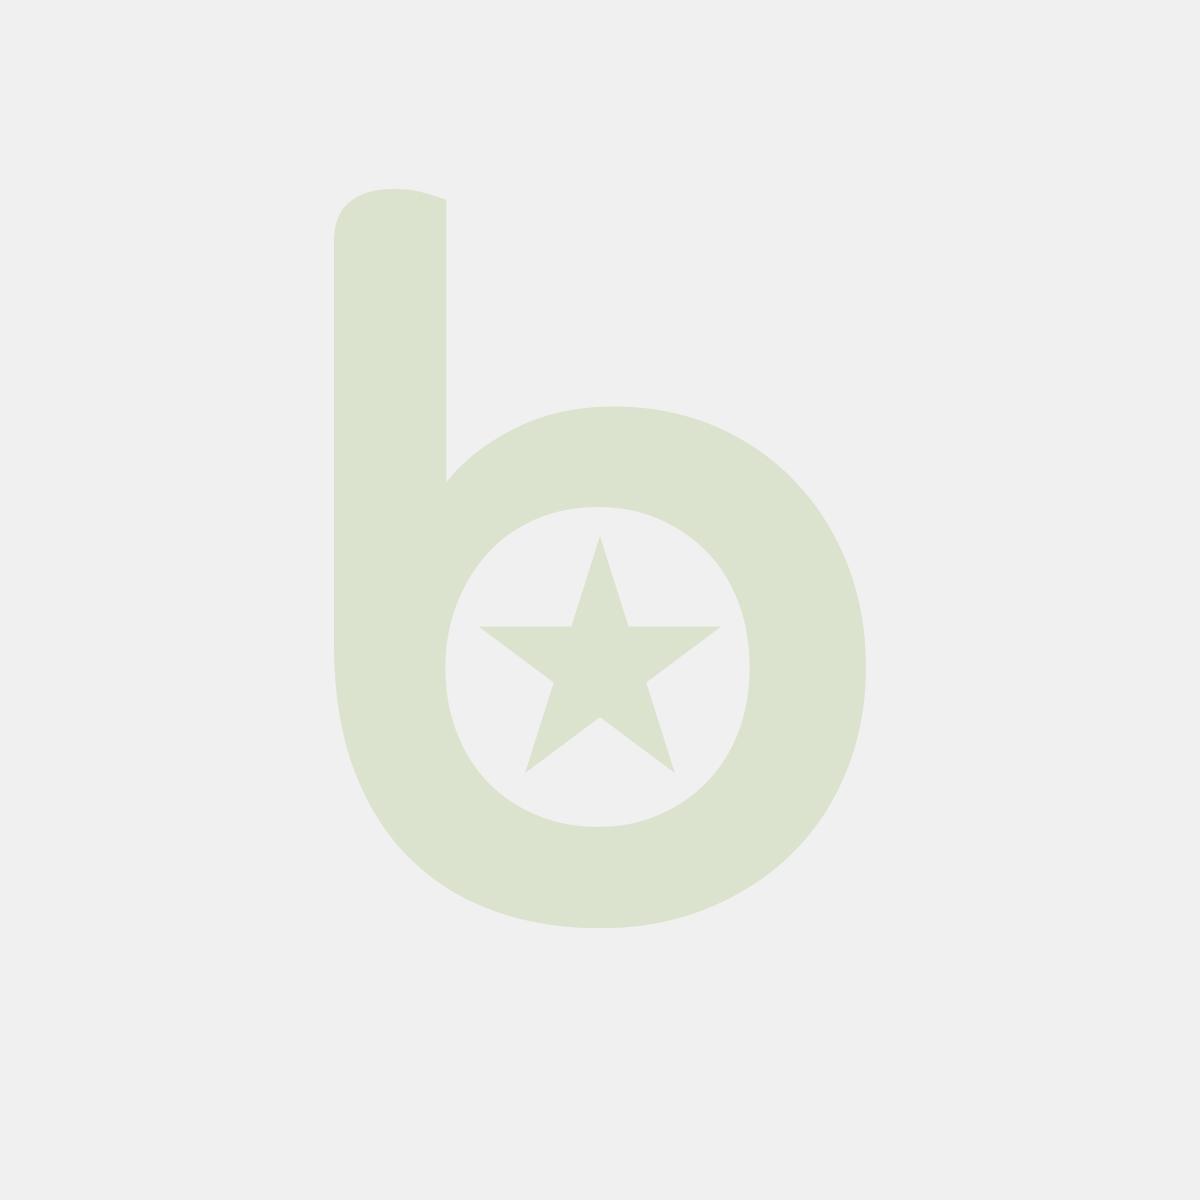 Skorowidz szyty Interdruk w kratkę, A6, 96 kartek, alfabetyczne indeksy